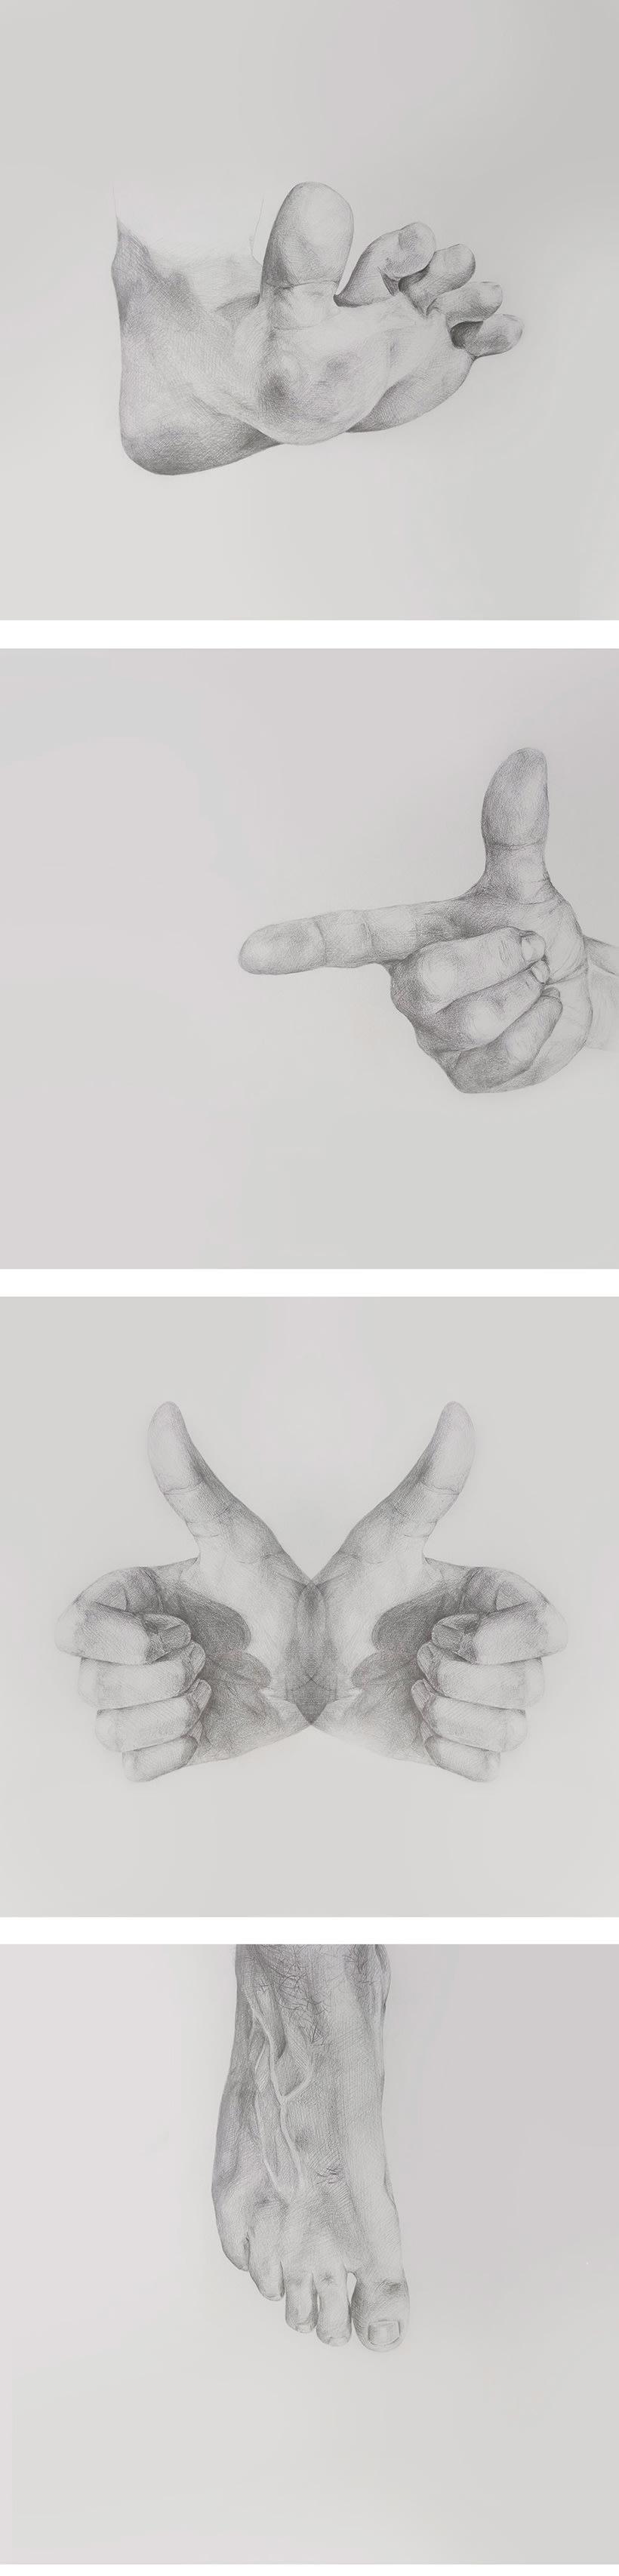 Dibujo anatómico -1